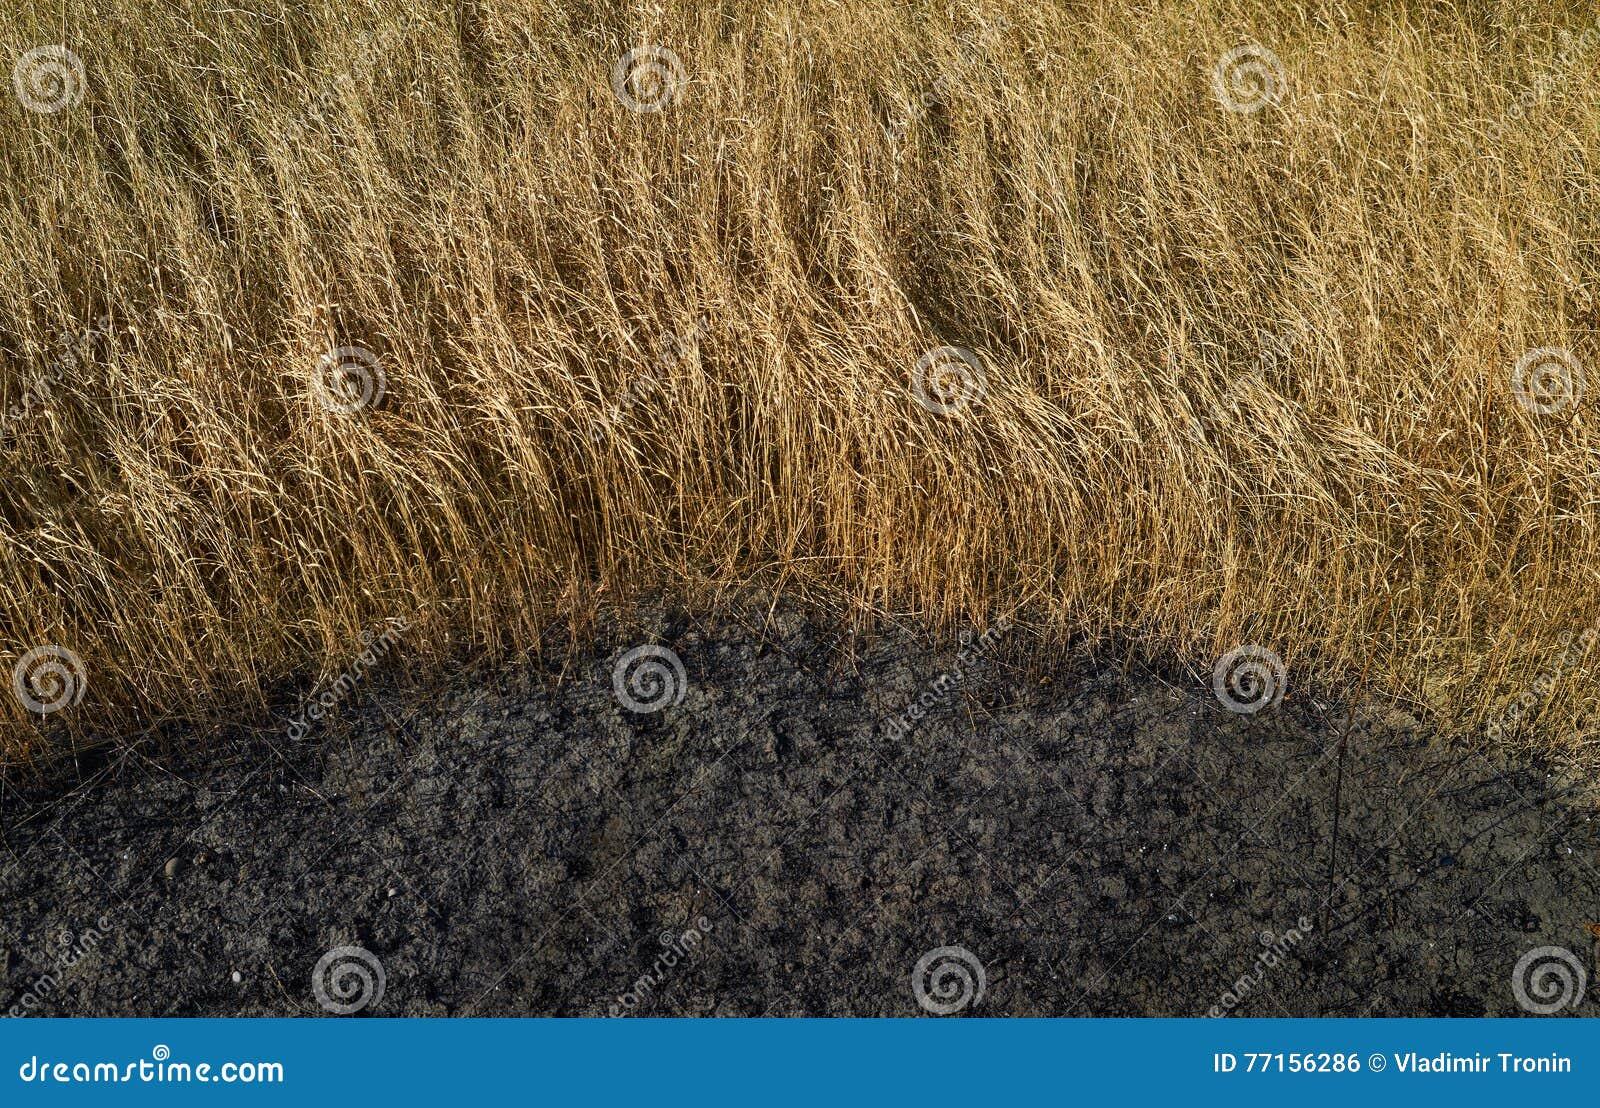 Herbe sèche et terre brûlée